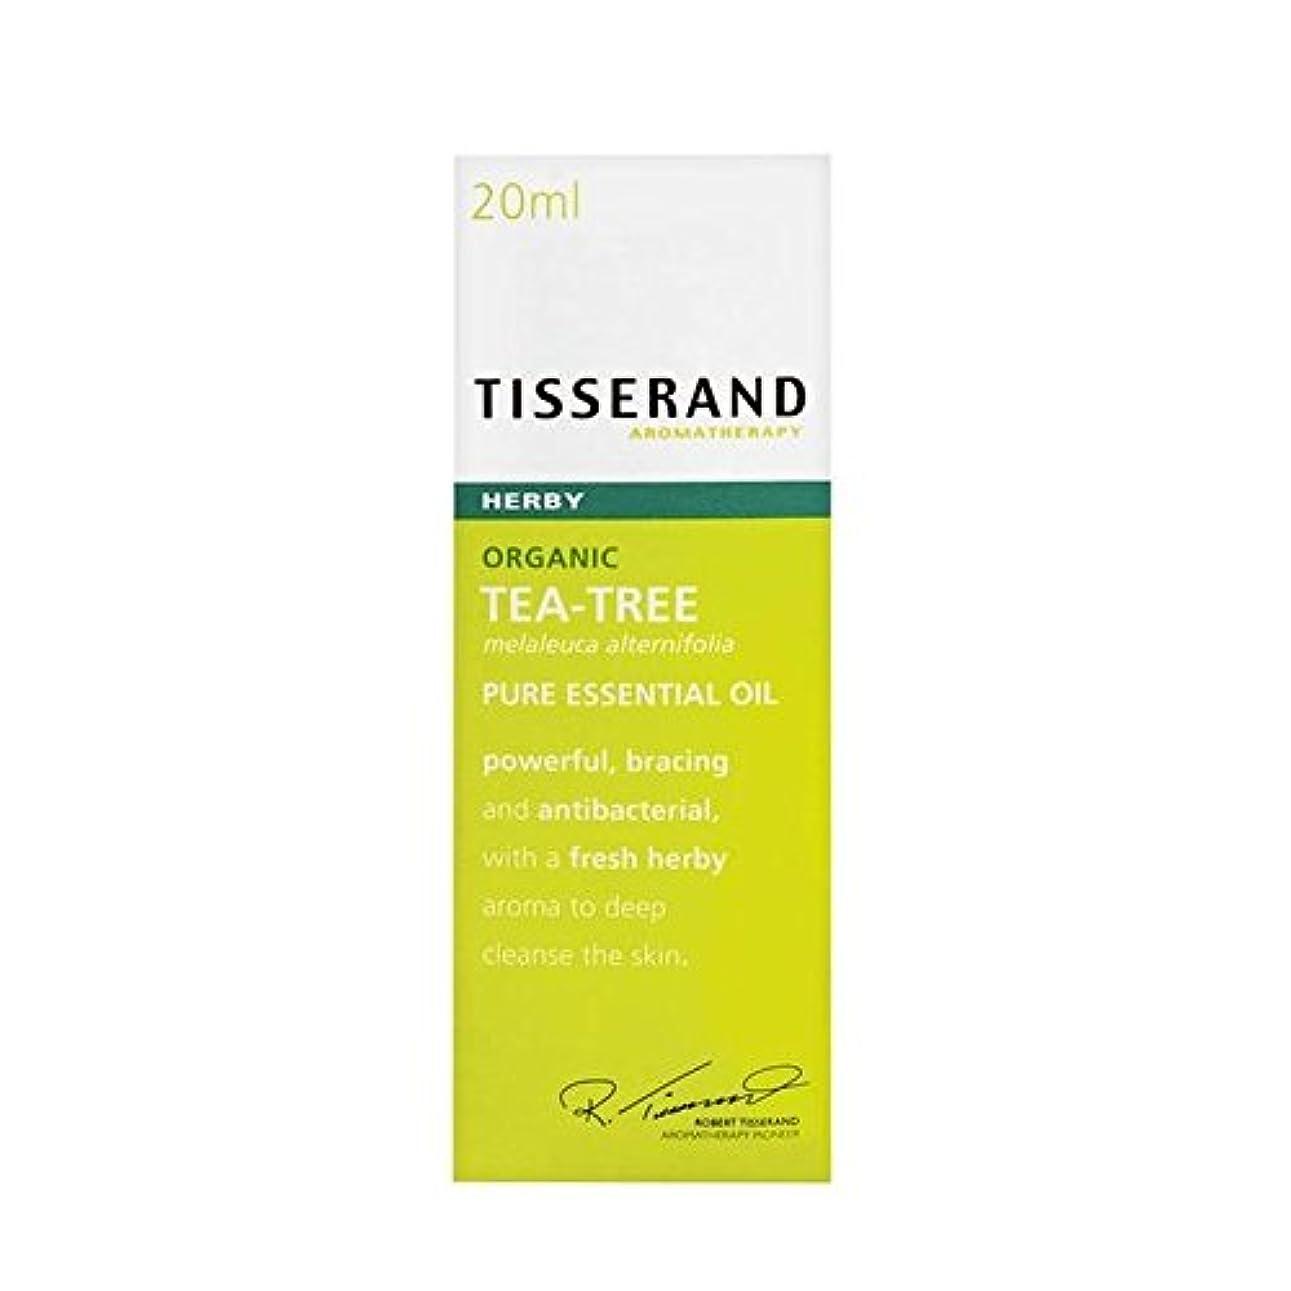 不道徳第二に現像Tisserand Tea Tree Organic Pure Essential Oil 20ml - ティスランドティーツリーオーガニックピュアエッセンシャルオイル20ミリリットル [並行輸入品]